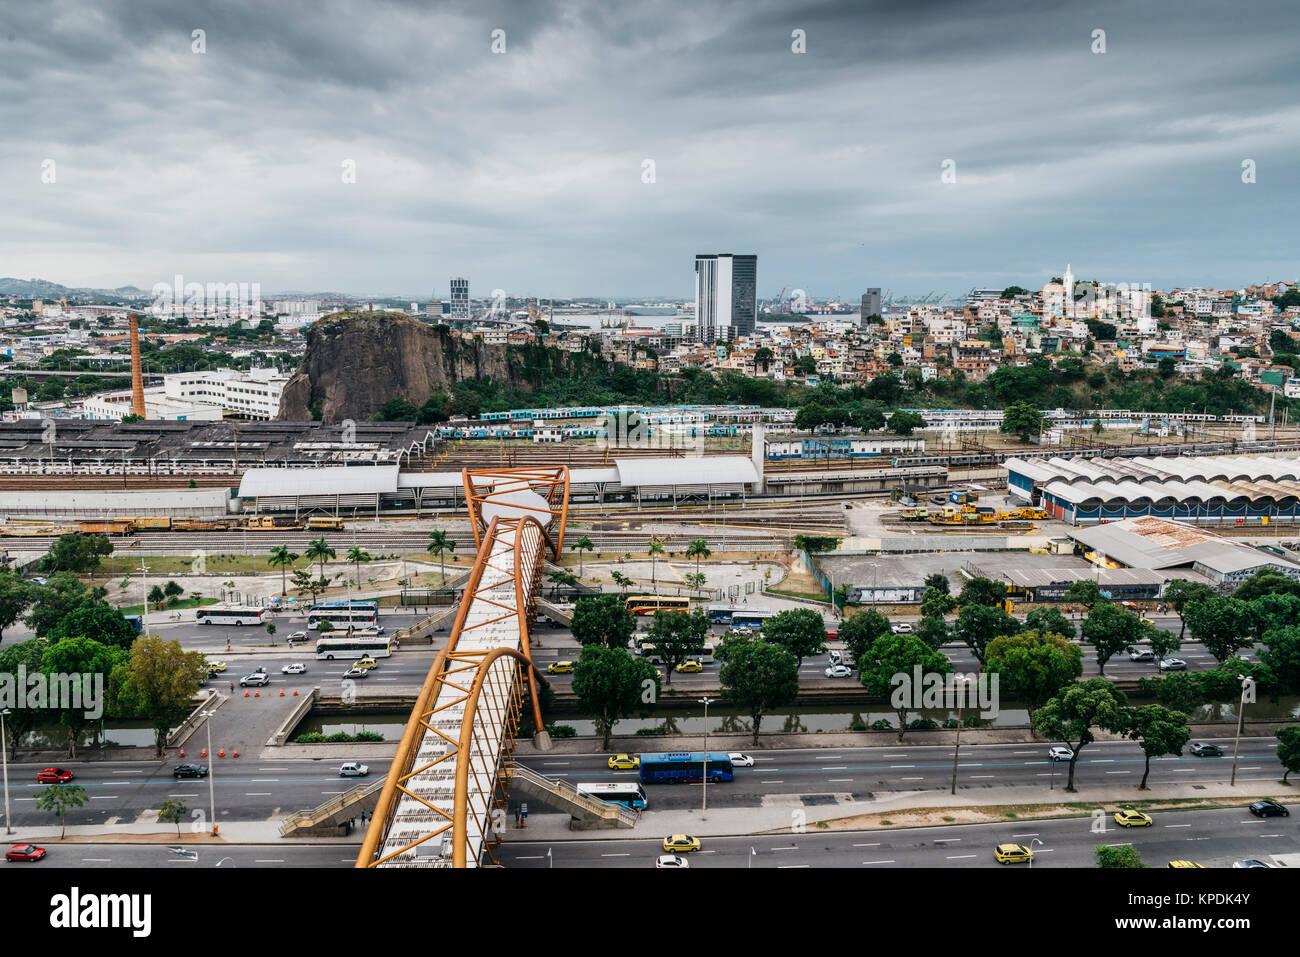 Busy Avenida Presidente Vargas in Downtown Rio de Janeiro, Brazil overlooking Guanabara Bay - Stock Image